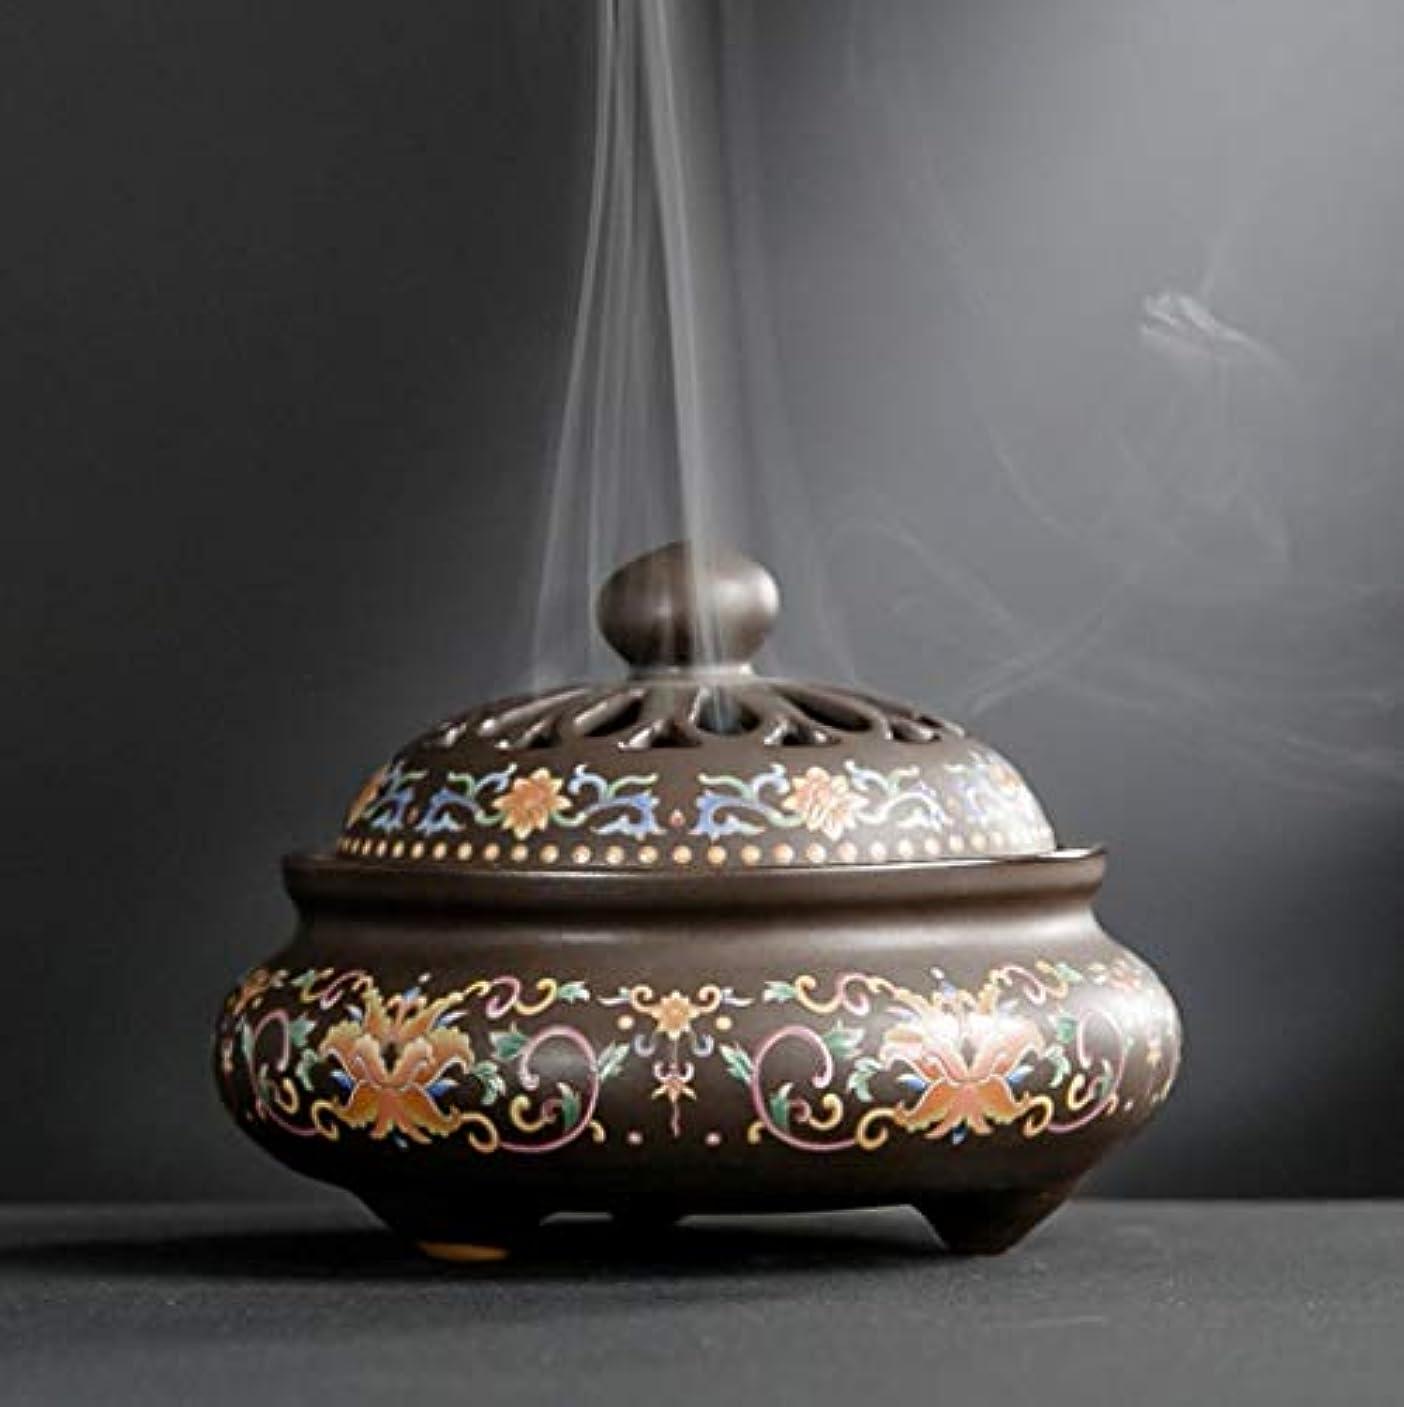 エミュレーションにはまって広告するYONIK 香炉 渦巻き線香ホルダー 蚊取り線香ホルダー 線香入れ 磁器 香皿 蓋付き 香立て付き 和風